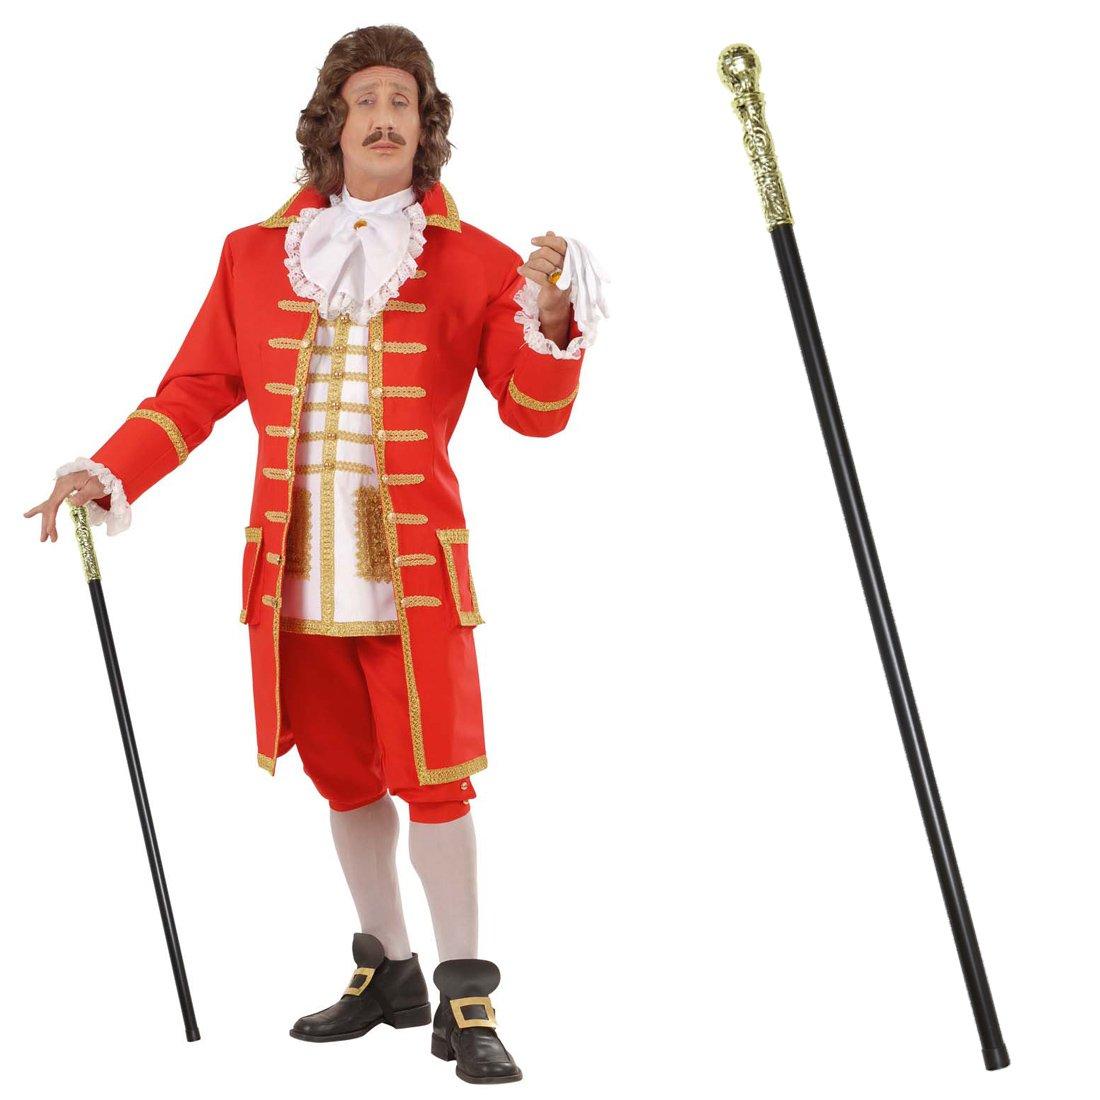 Sceptre de roi bâ ton de ré gent 107 cm Canne de noble renaissance baguette baroque sceptre rococo bâ ton accessoire carnaval dé guisement accessoire NET TOYS